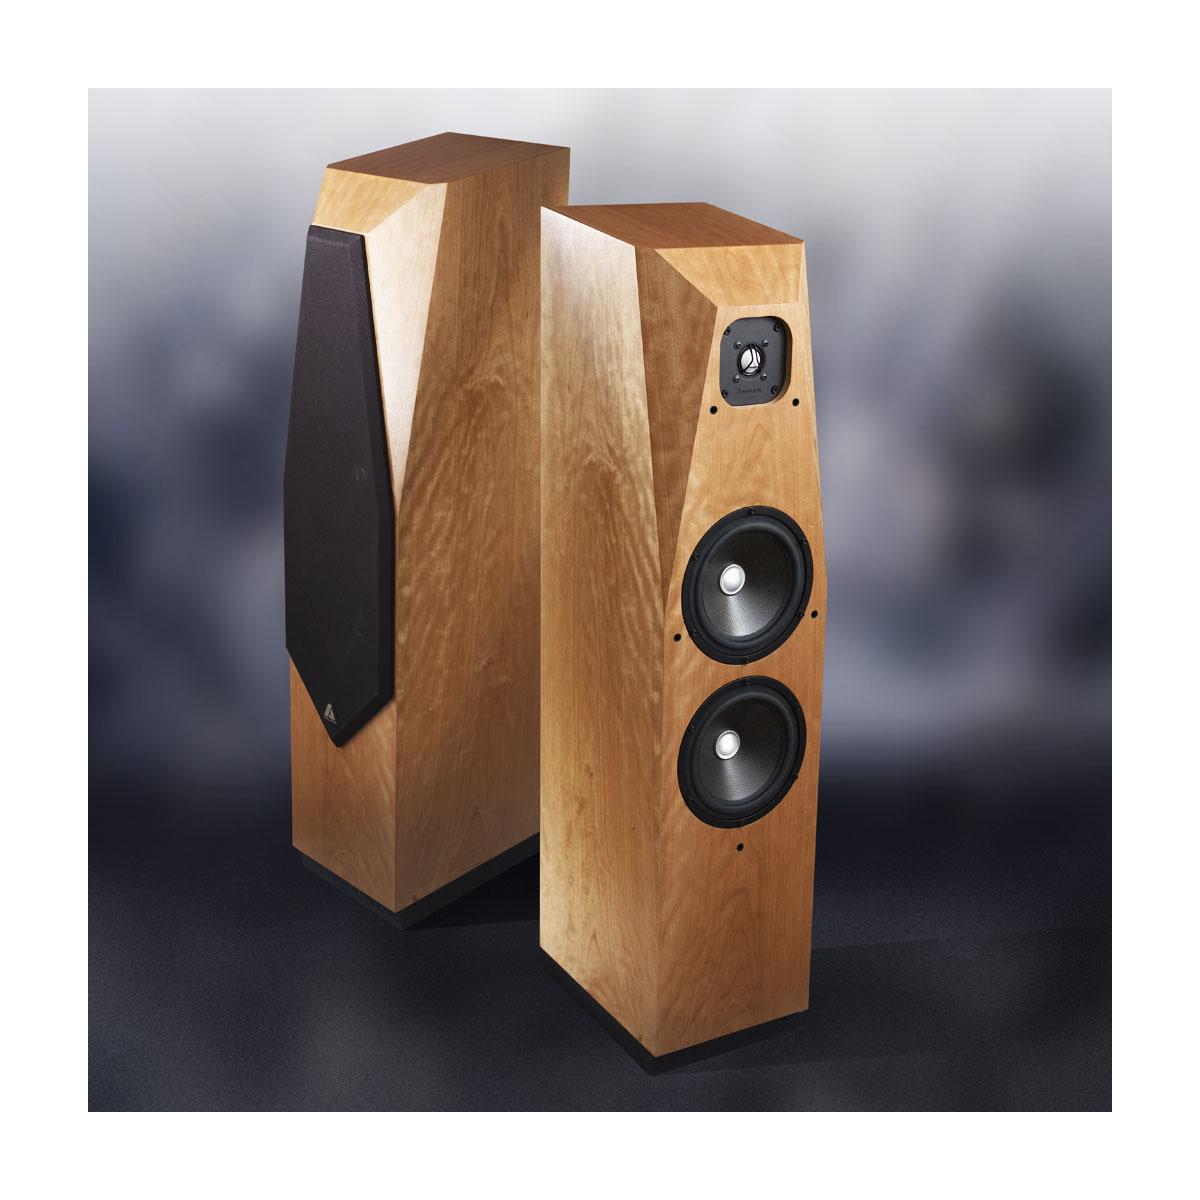 Avalon Acoustics Idea Walnut 販売価格お問い合わせください。 アヴァロン スピーカーシステム ペア